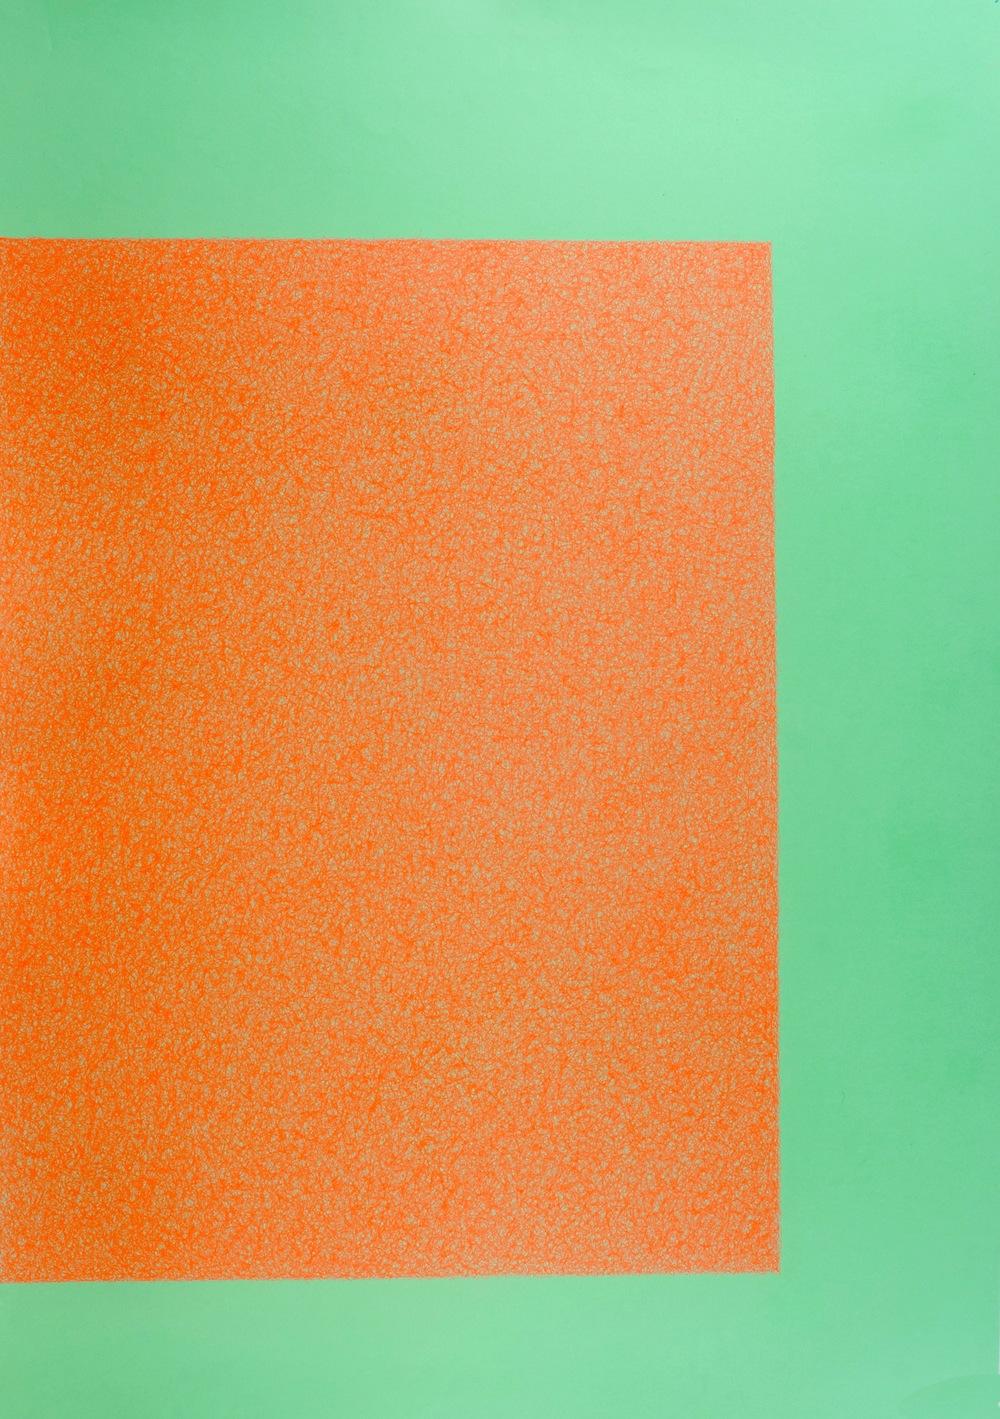 Las flores del bien, 2013 / In collaboration with  Martina Quesada  / Mix media on paper /100cm x 70cm